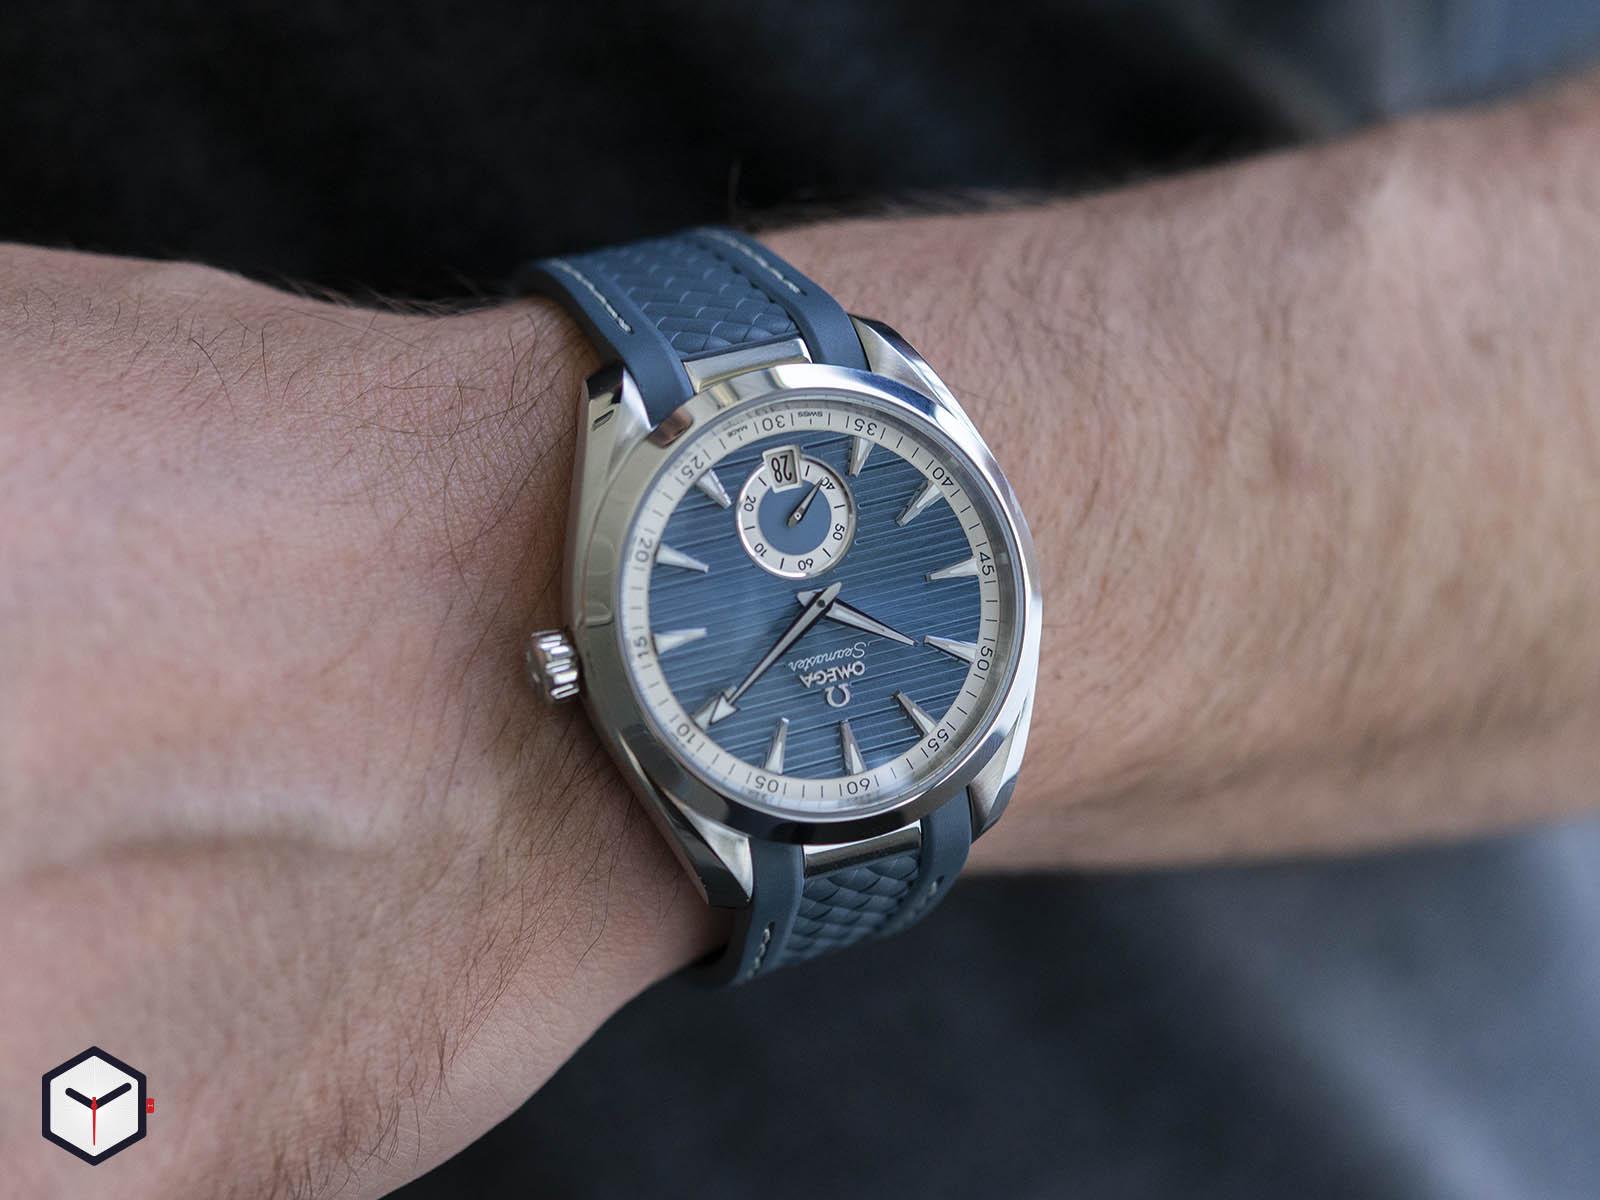 omega-aqua-terra-150m-co-axial-master-chronometer-small-seconds-41mm-9.jpg